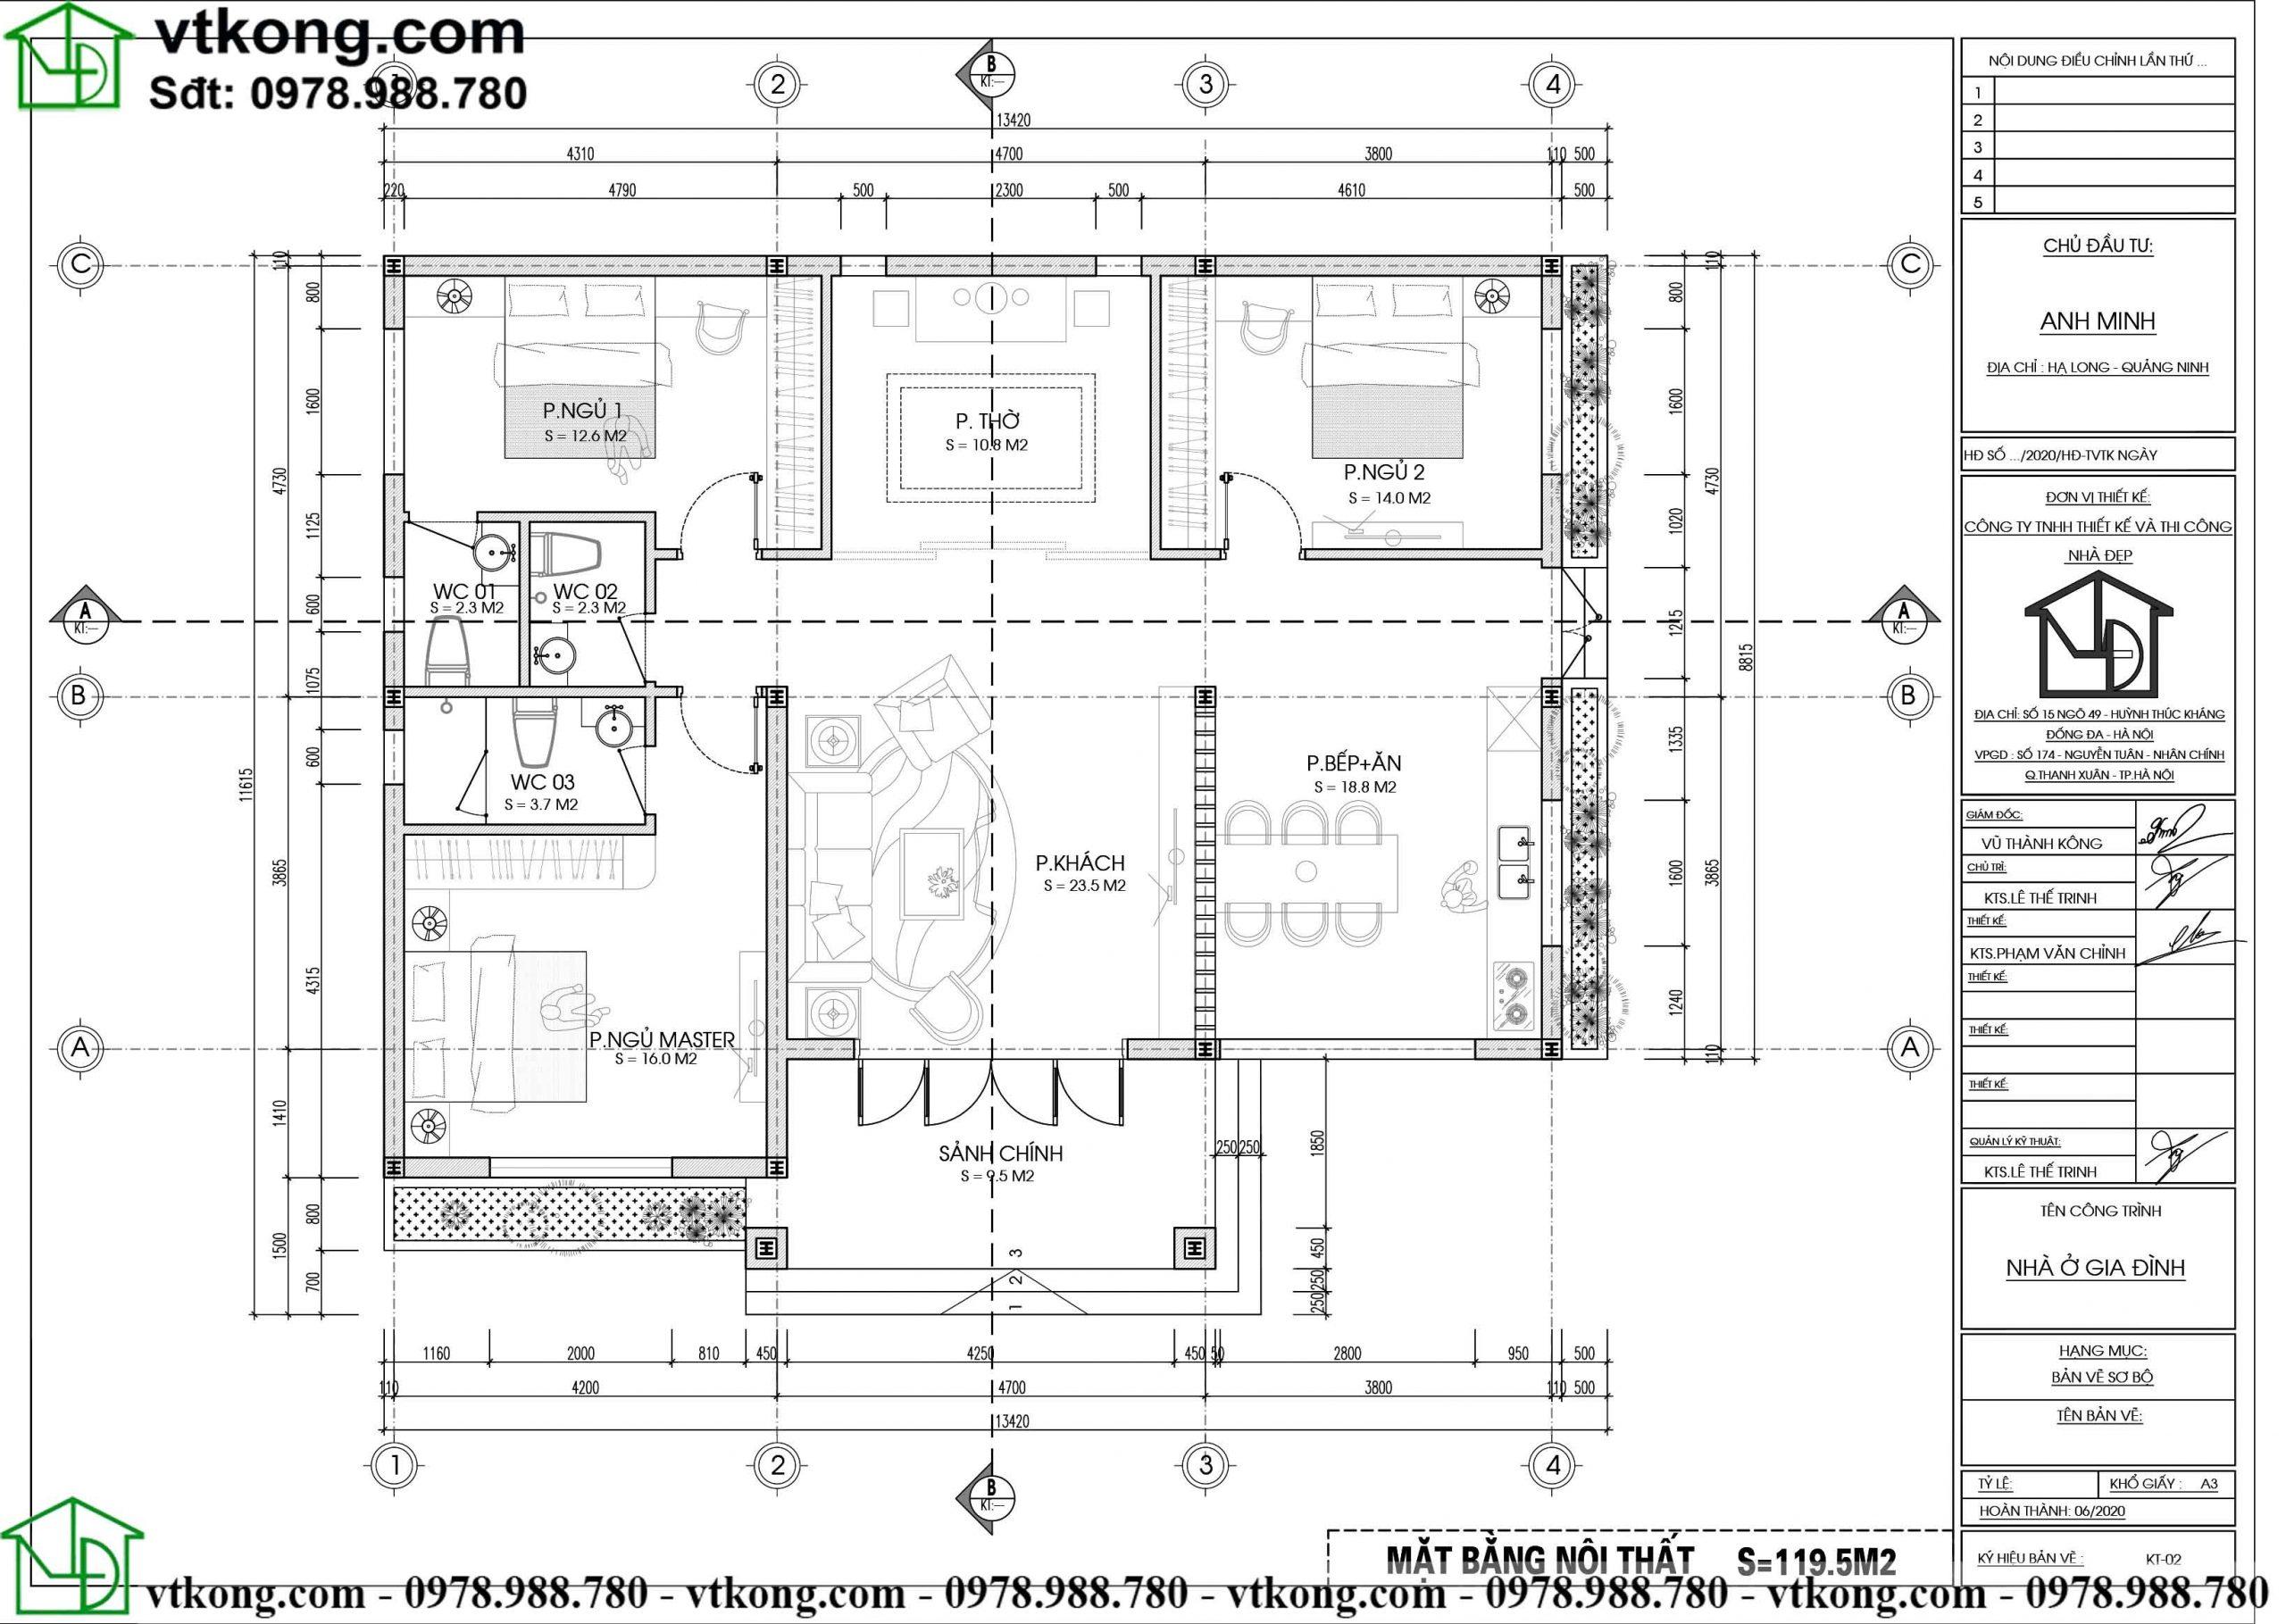 Nhà Cấp 4 3 Phòng Ngủ 1 Phòng Khách 1 Phòng Thờ 14x10